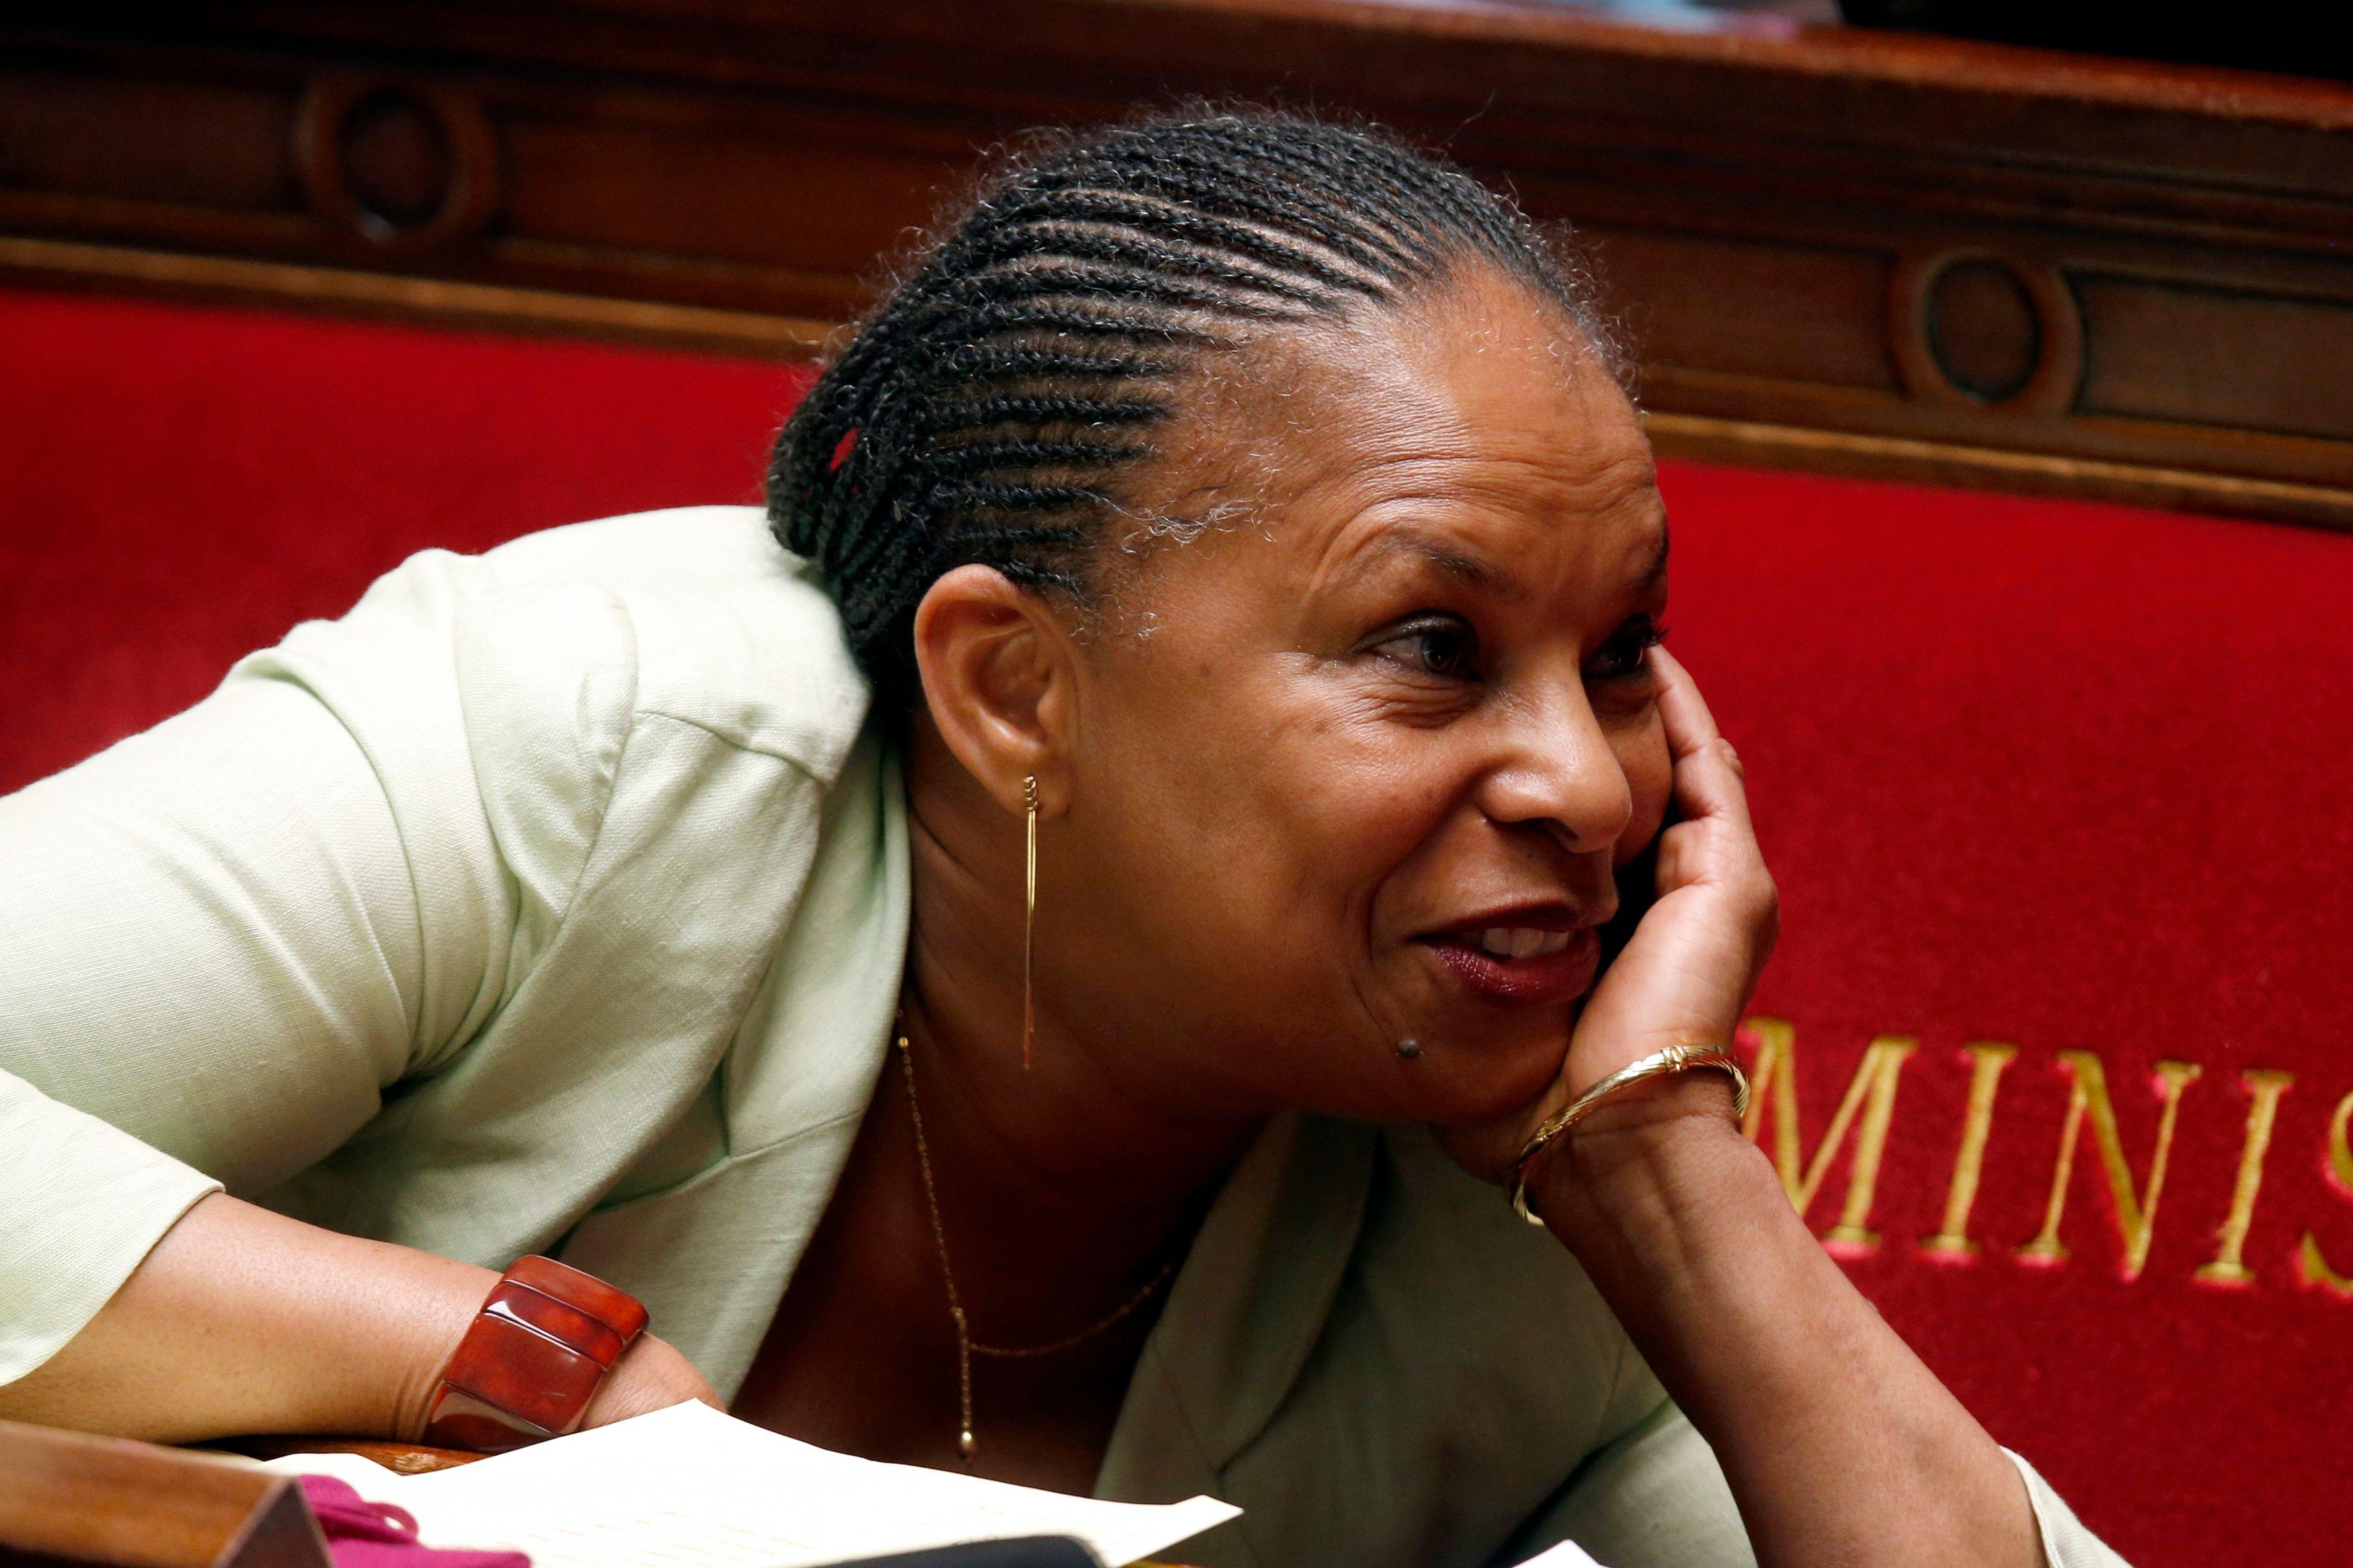 L'ONU condamne les propos racistes à l'encontre de Christiane Taubira